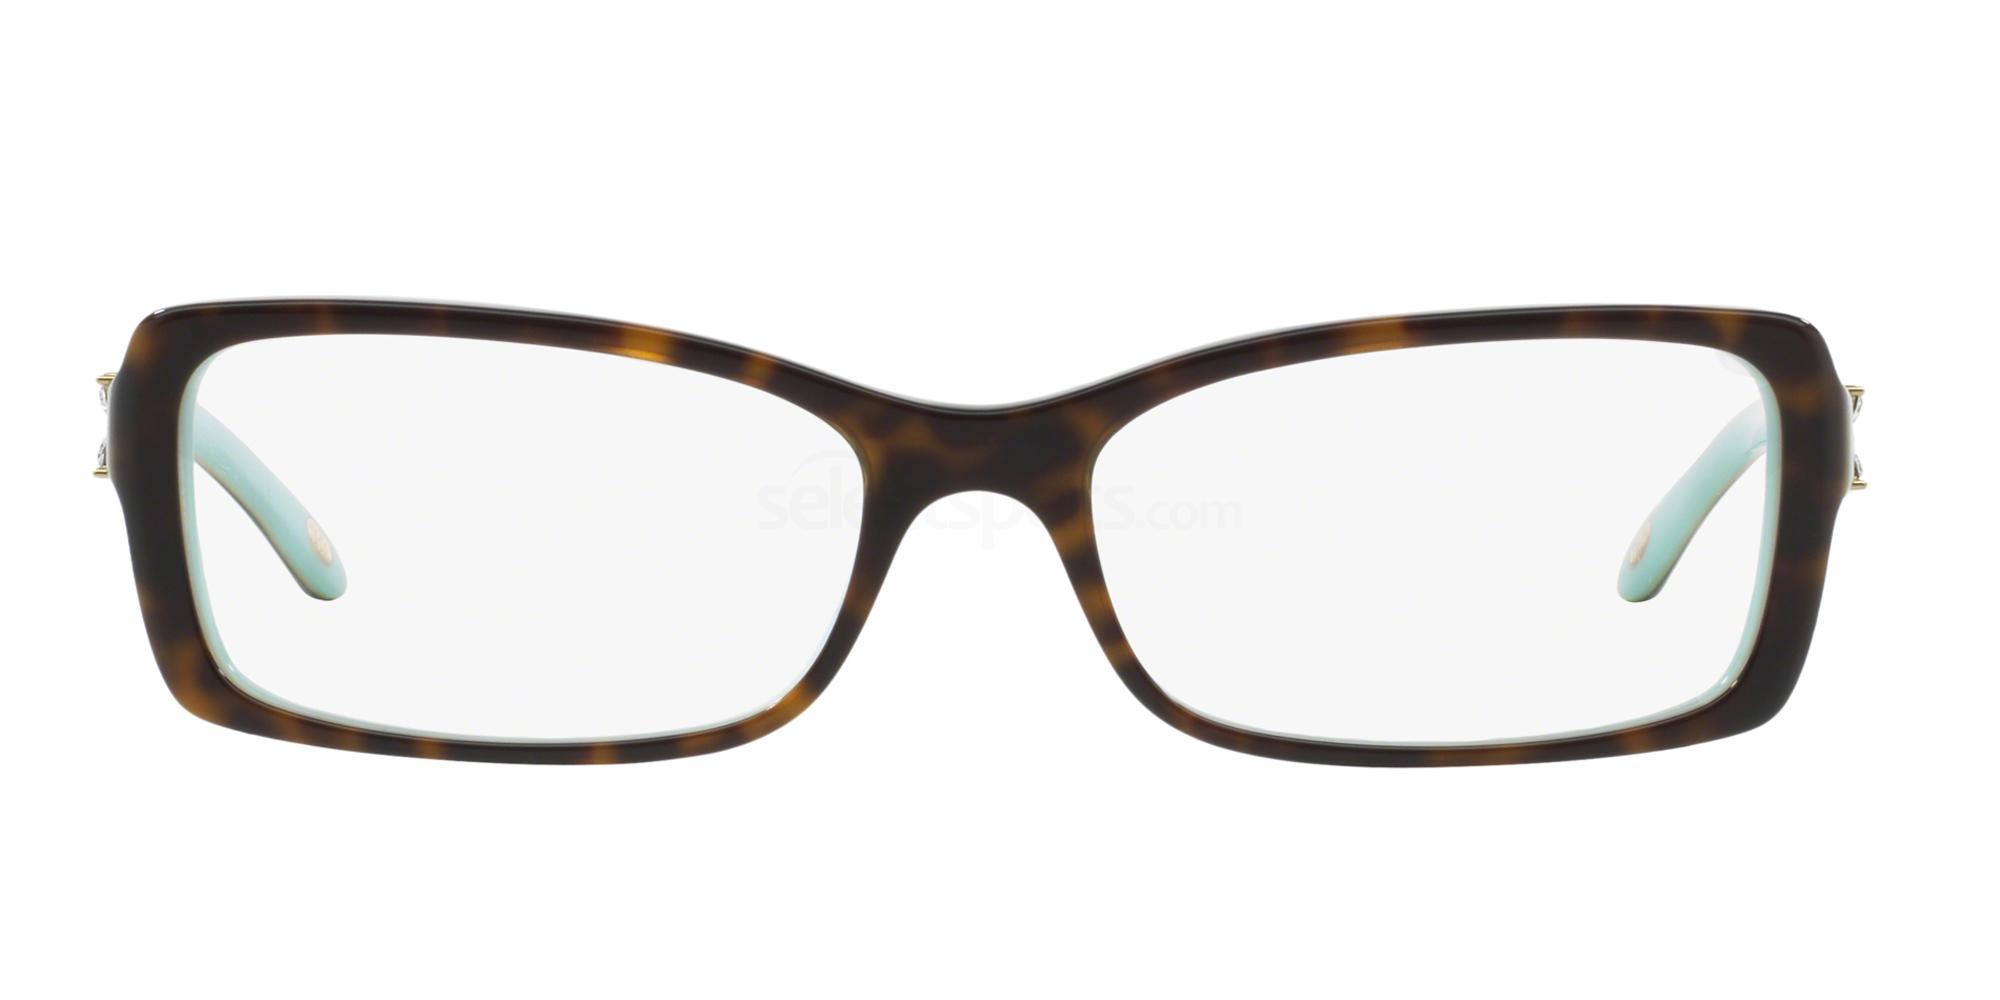 8134 TF2091B Glasses, Tiffany & Co.